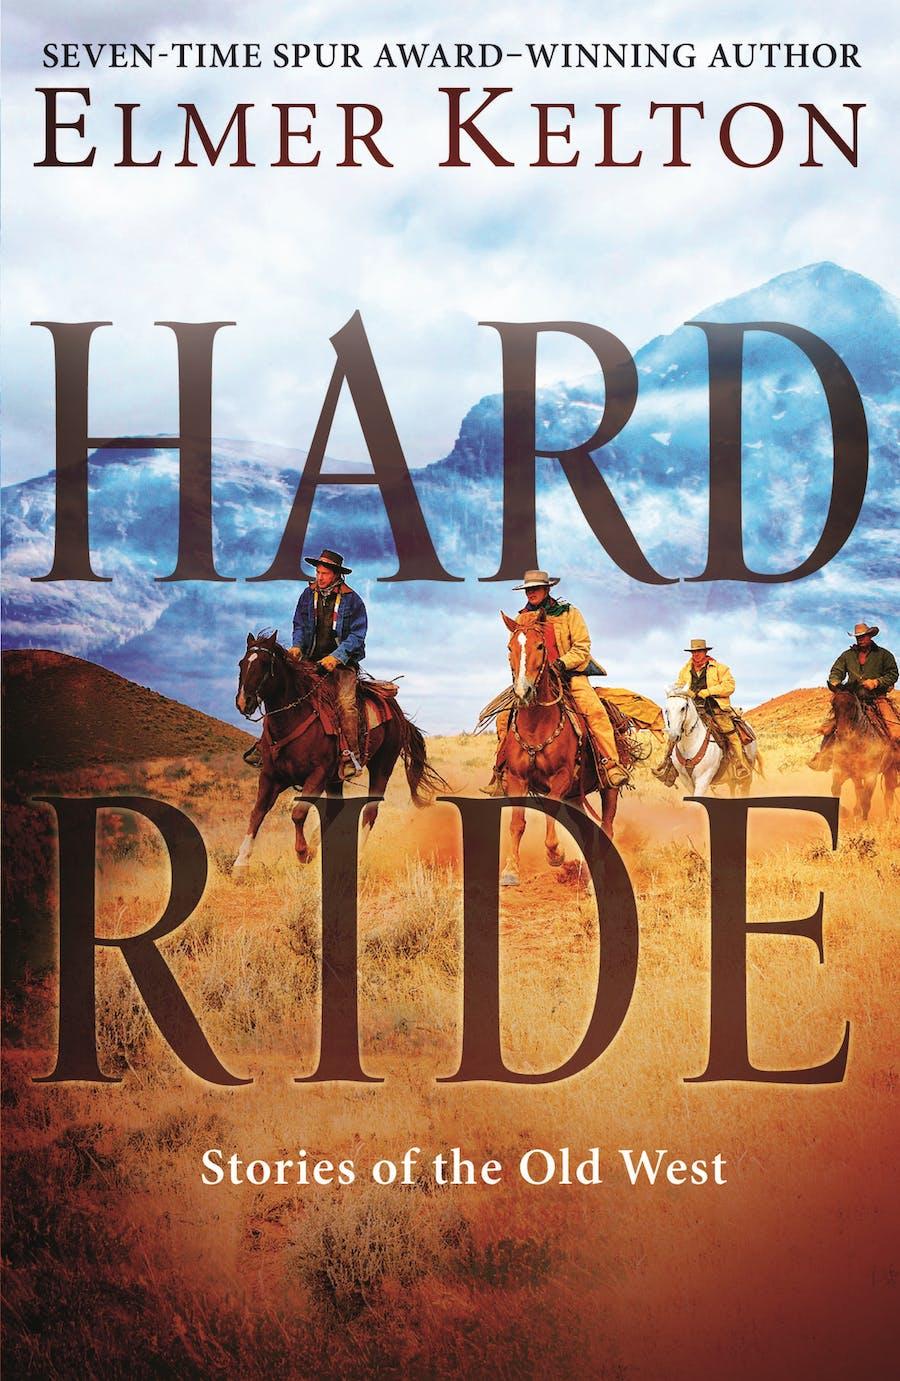 Hard Ride by Elmer Kelton